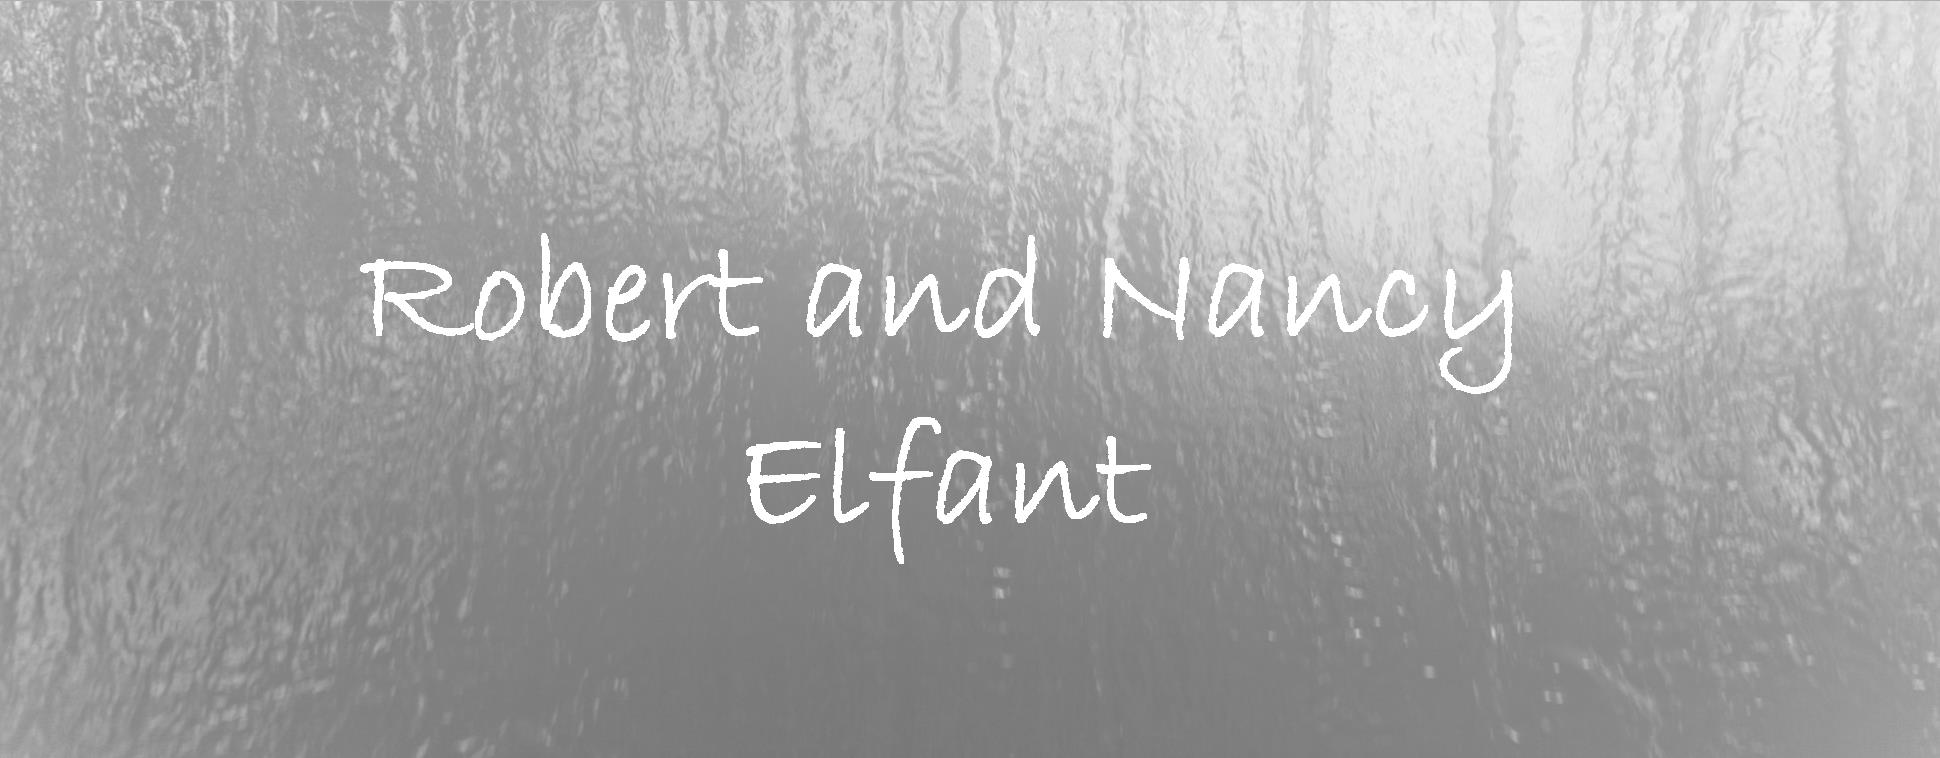 Robert and Nancy Elfant.jpg